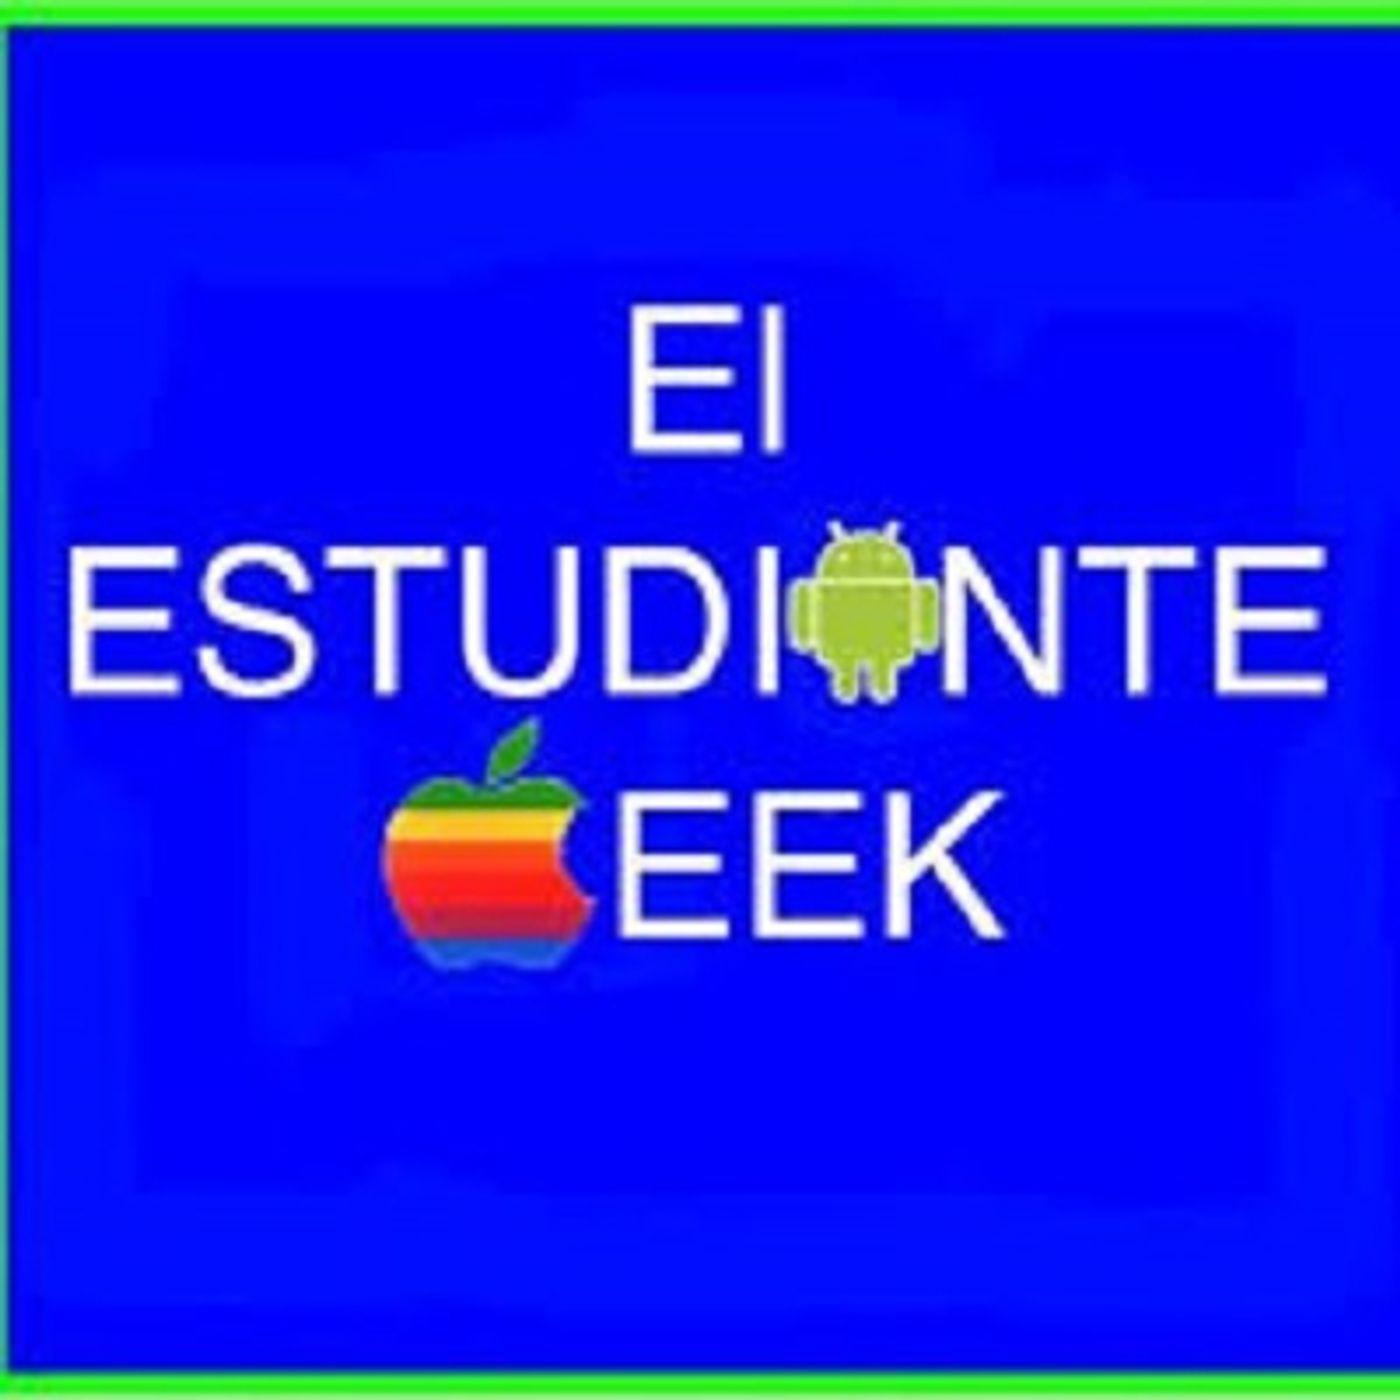 El Estudiante Geek